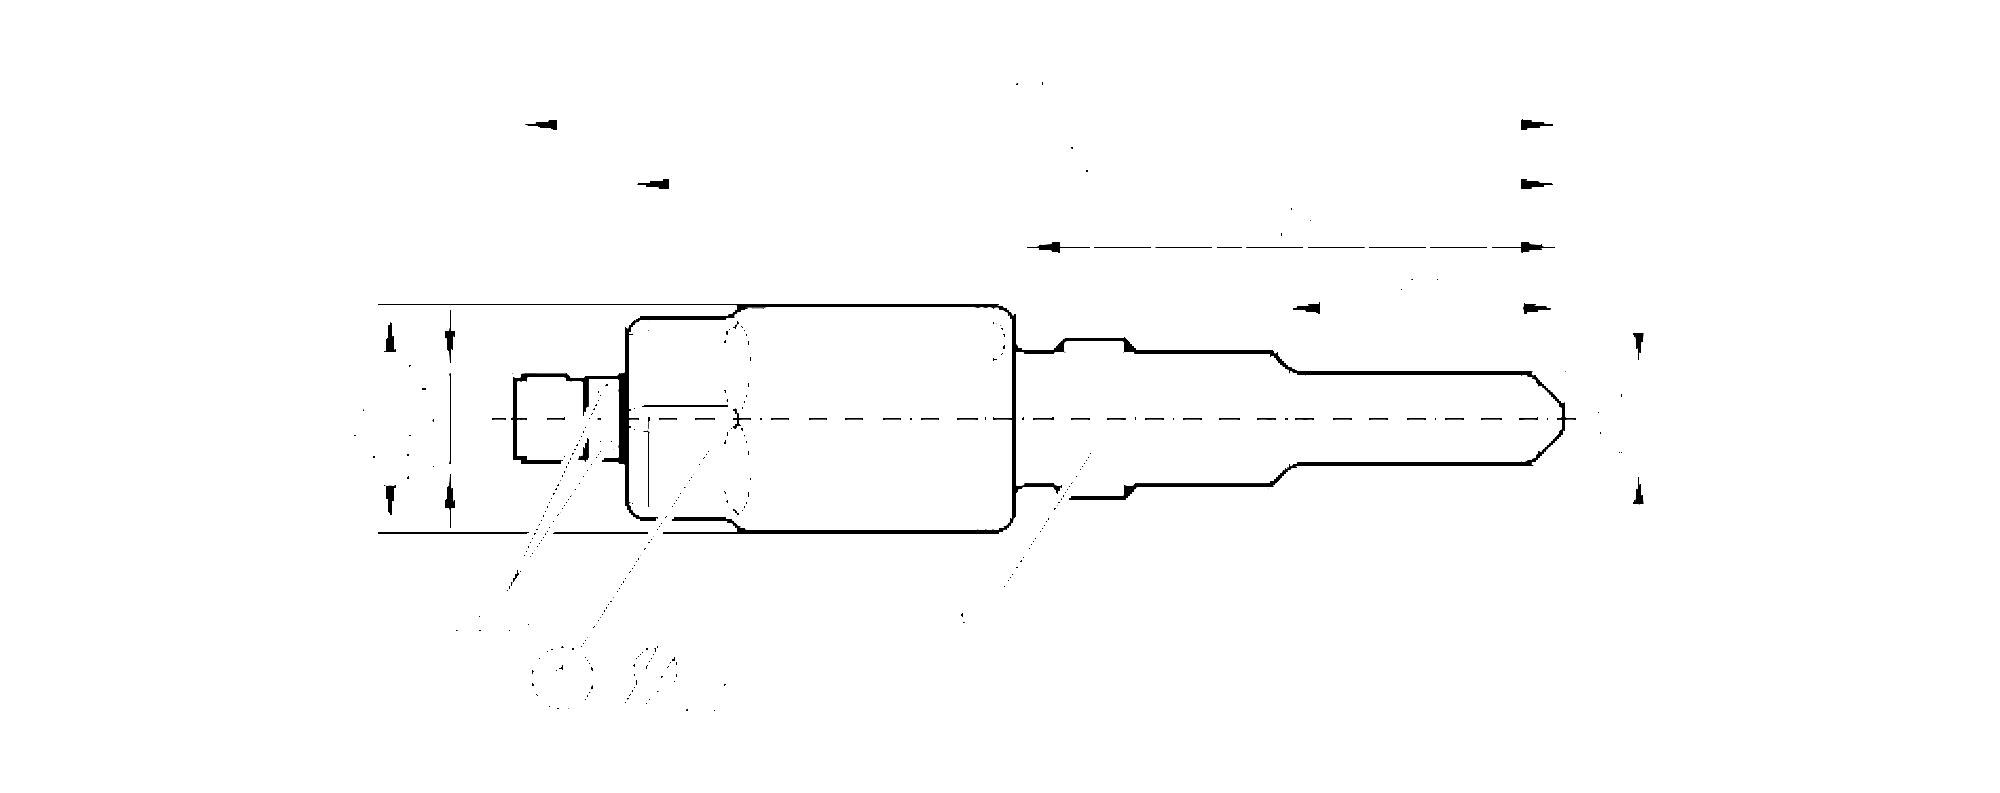 lmt102 - sensor for point level detection